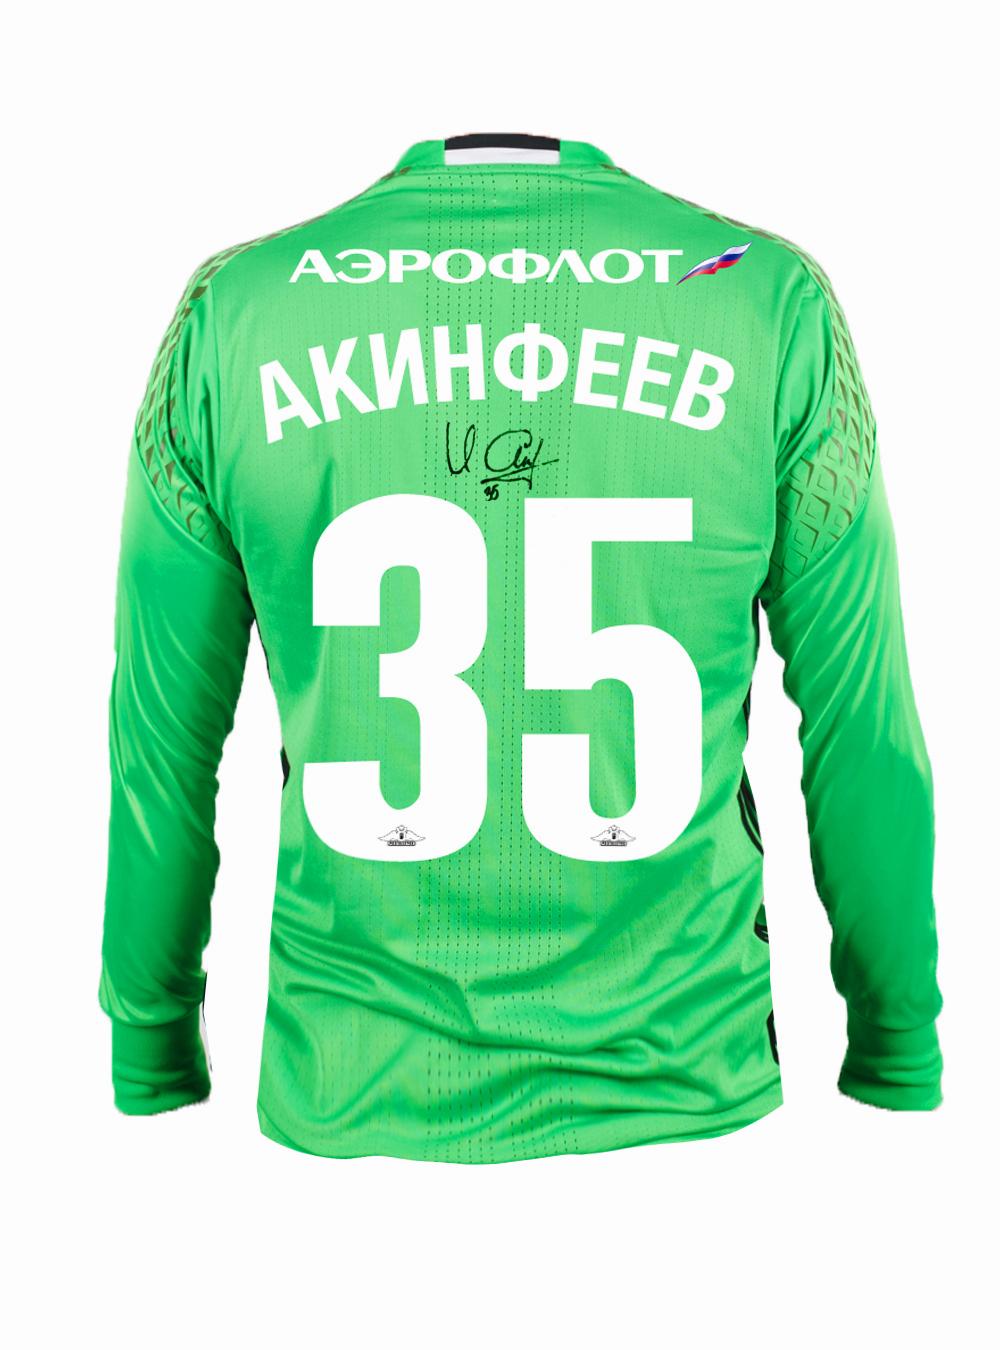 Вратарский свитер д/р, цвет салатовый с автографом АКИНФЕЕВА (9) фото